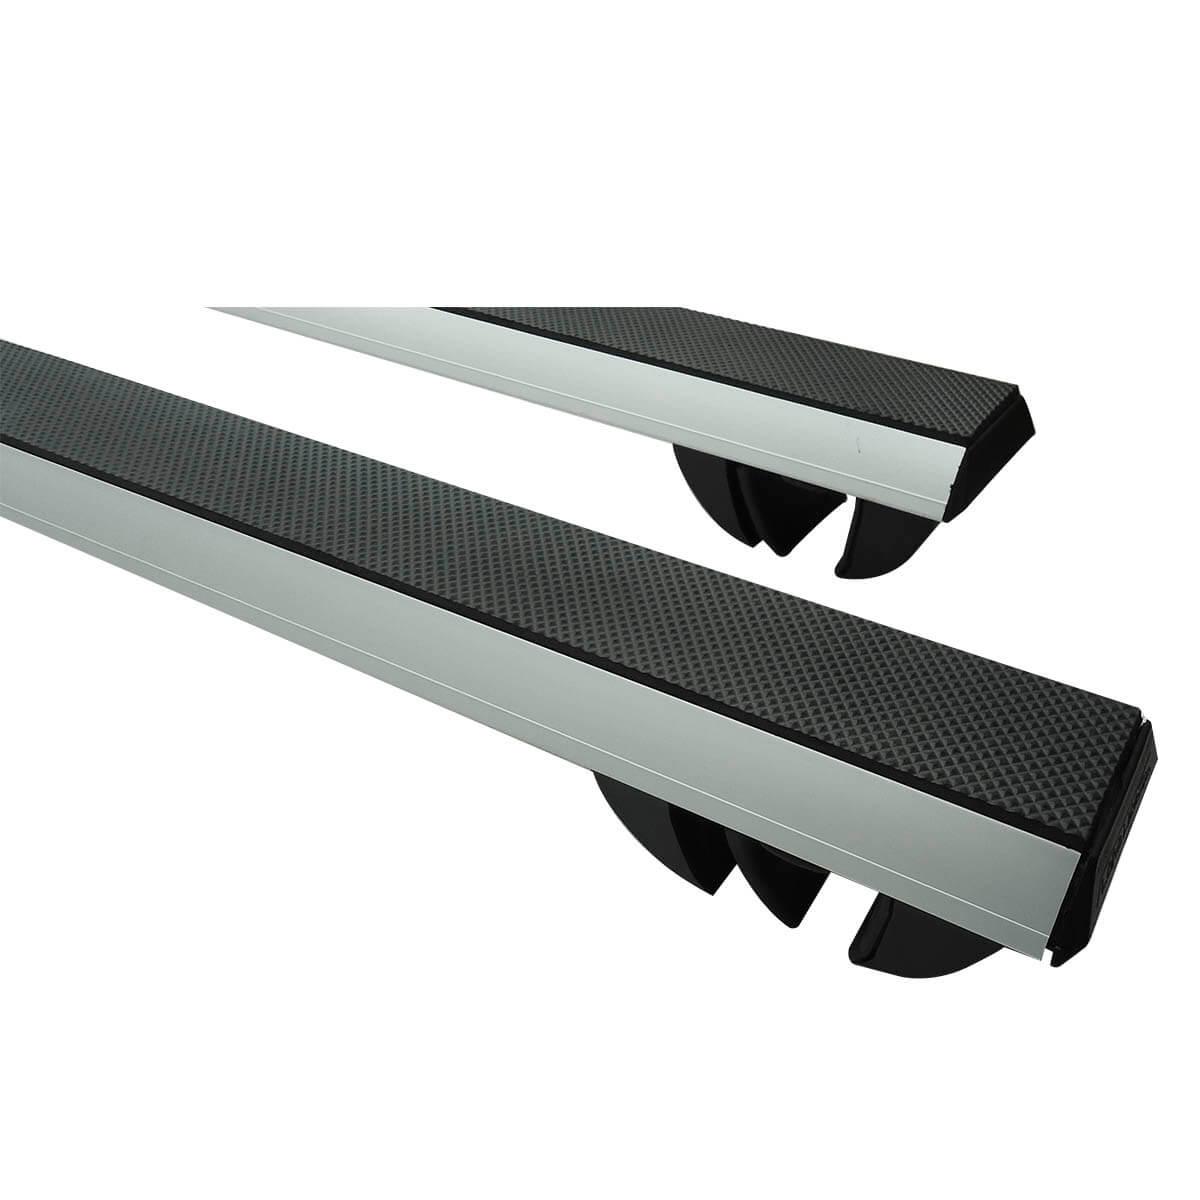 Travessa rack de teto Long Life Grip 1,10 m Alumínio Anodizado